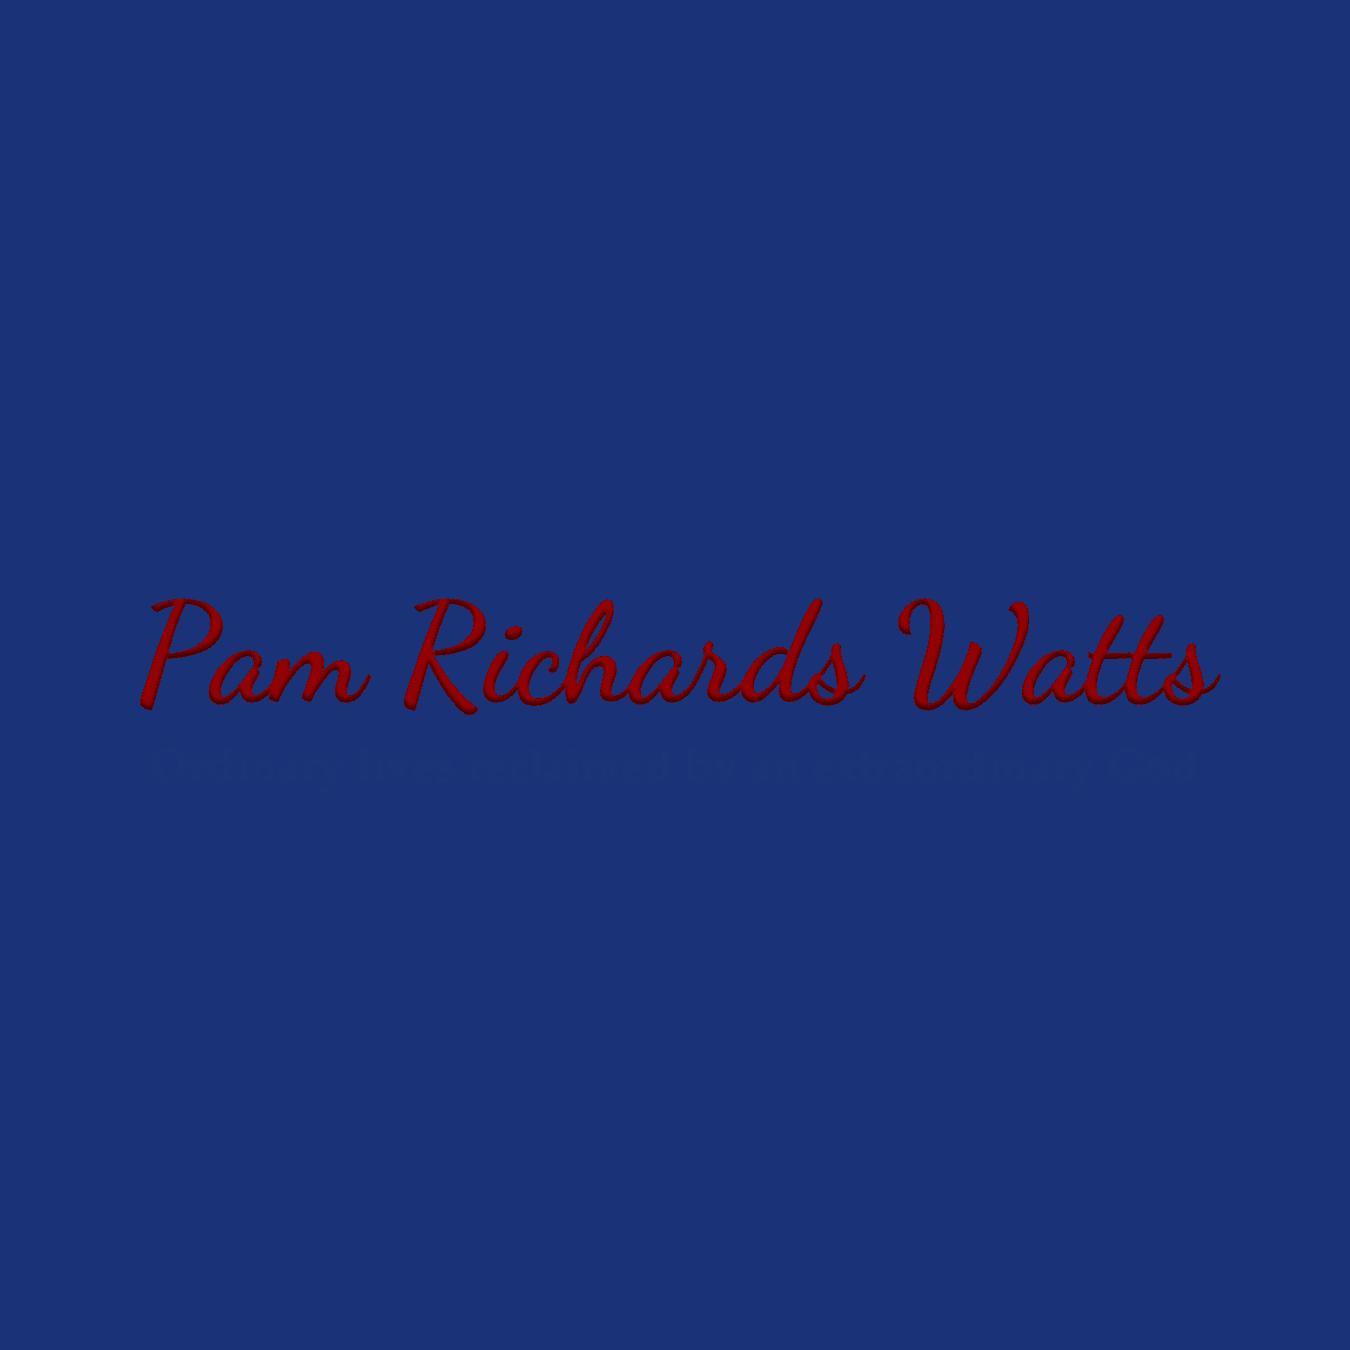 PamRichardsWatts.com